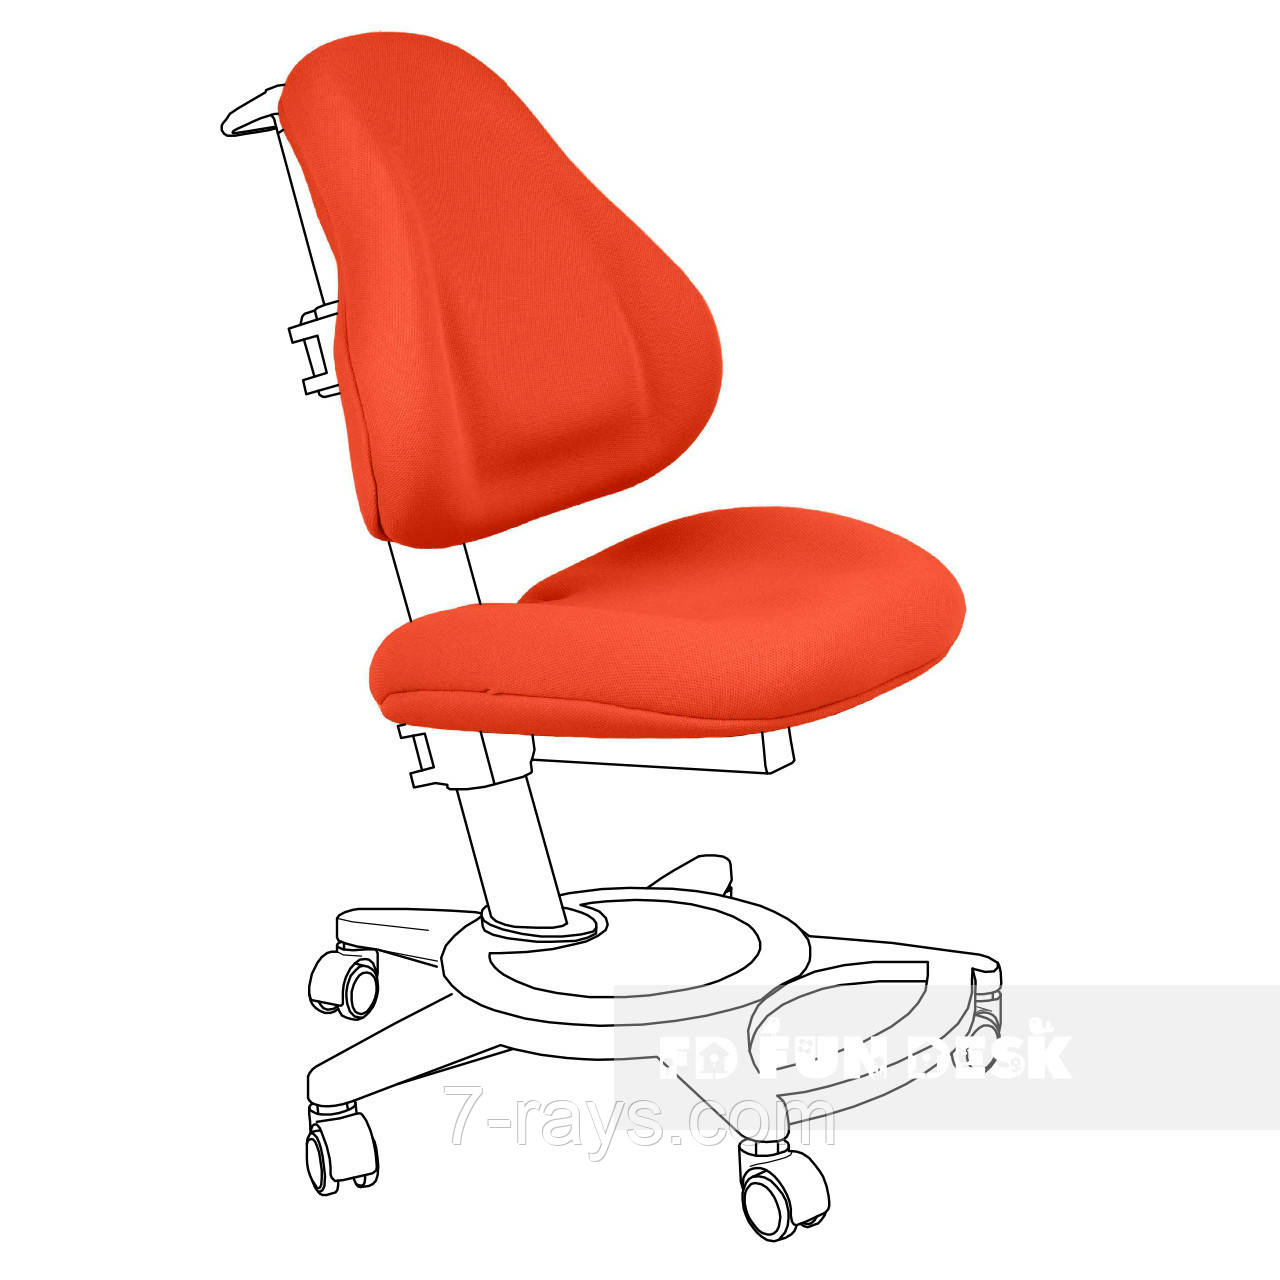 Чехол для кресла Bravo orange